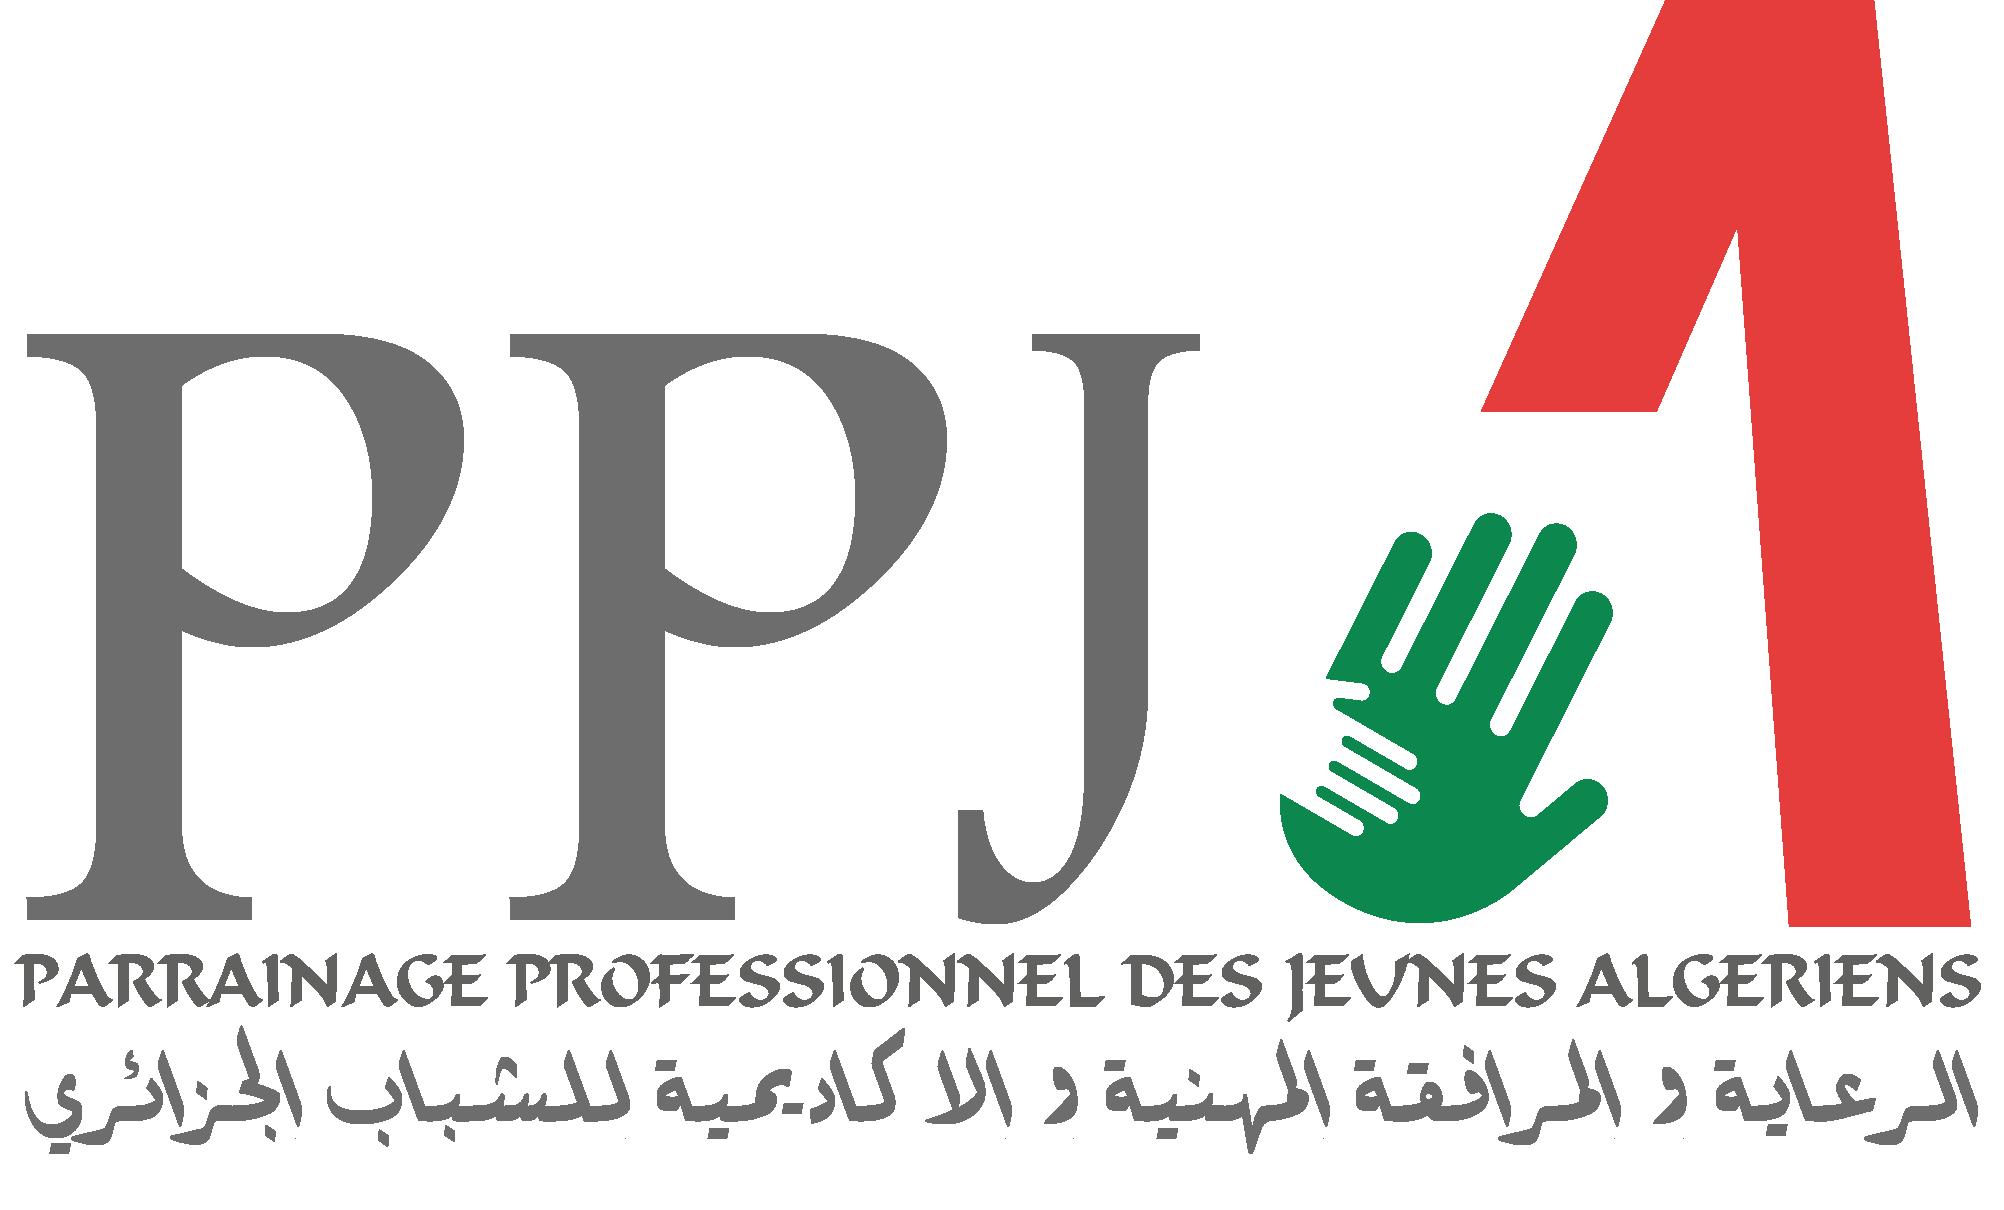 مشروع الرعاية و المرافقة المهنية و الاكاديمية للشباب الجزائري